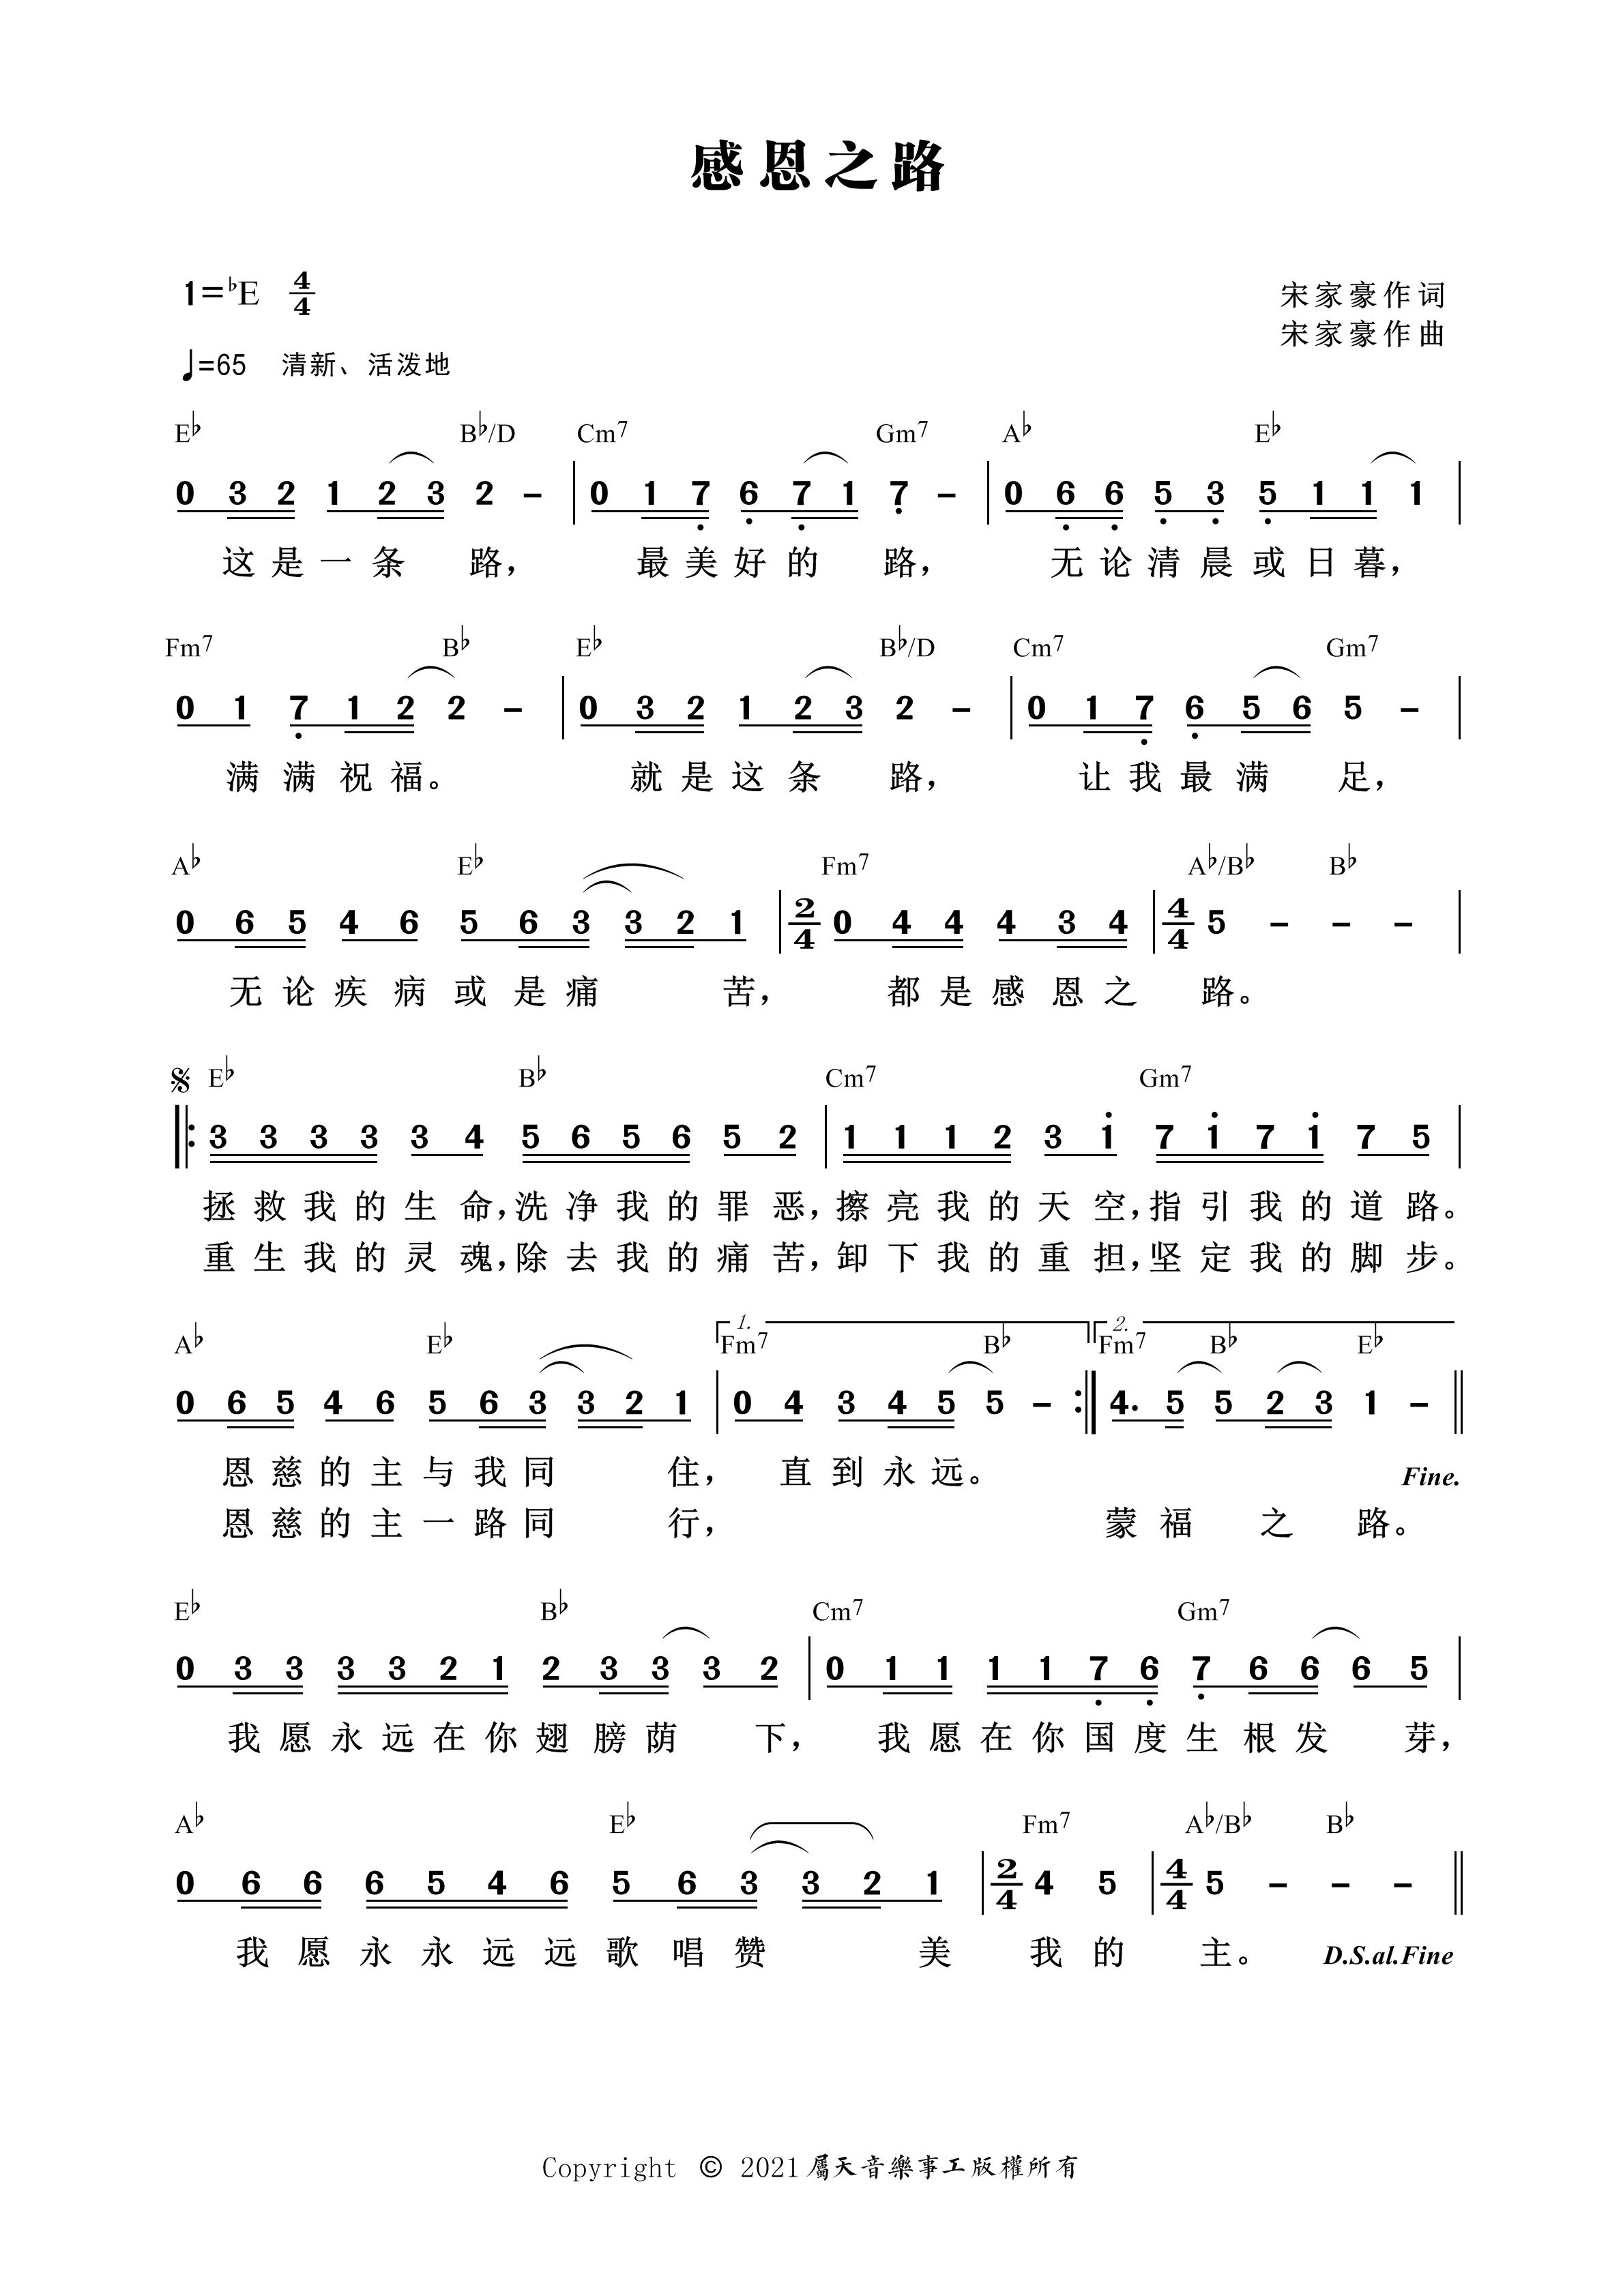 《感恩之路 官方和弦简谱》